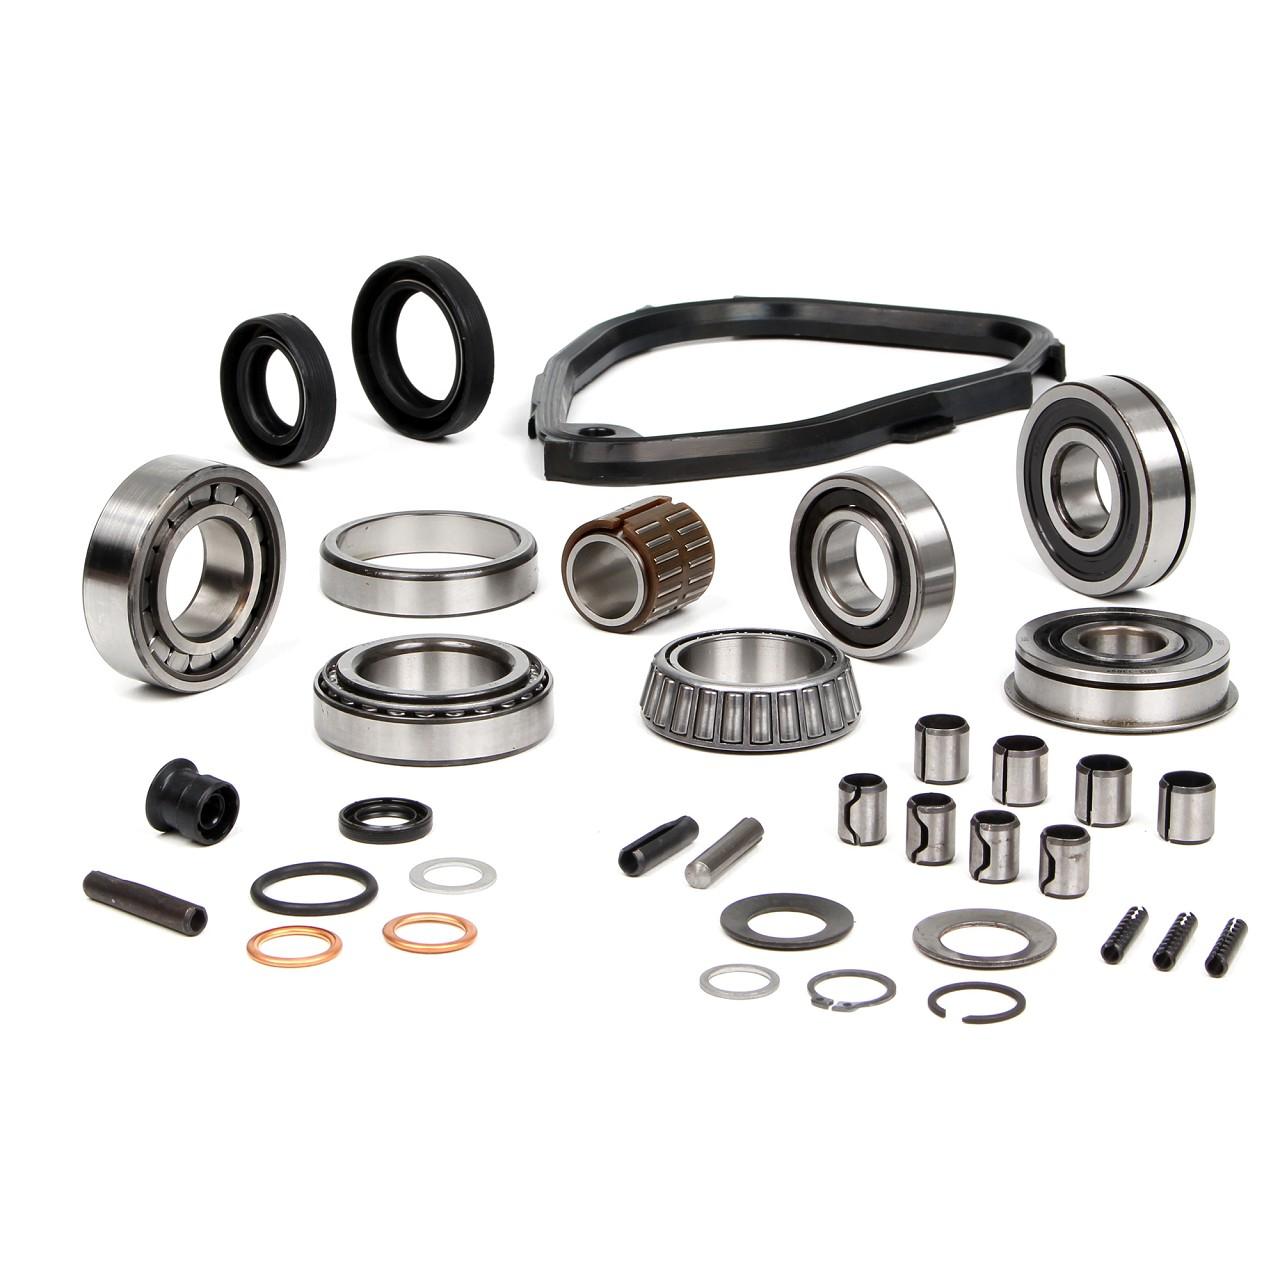 ORIGINAL Citroen Peugeot Reparatursatz Schaltgetriebe Getriebegehäuse 2299.45